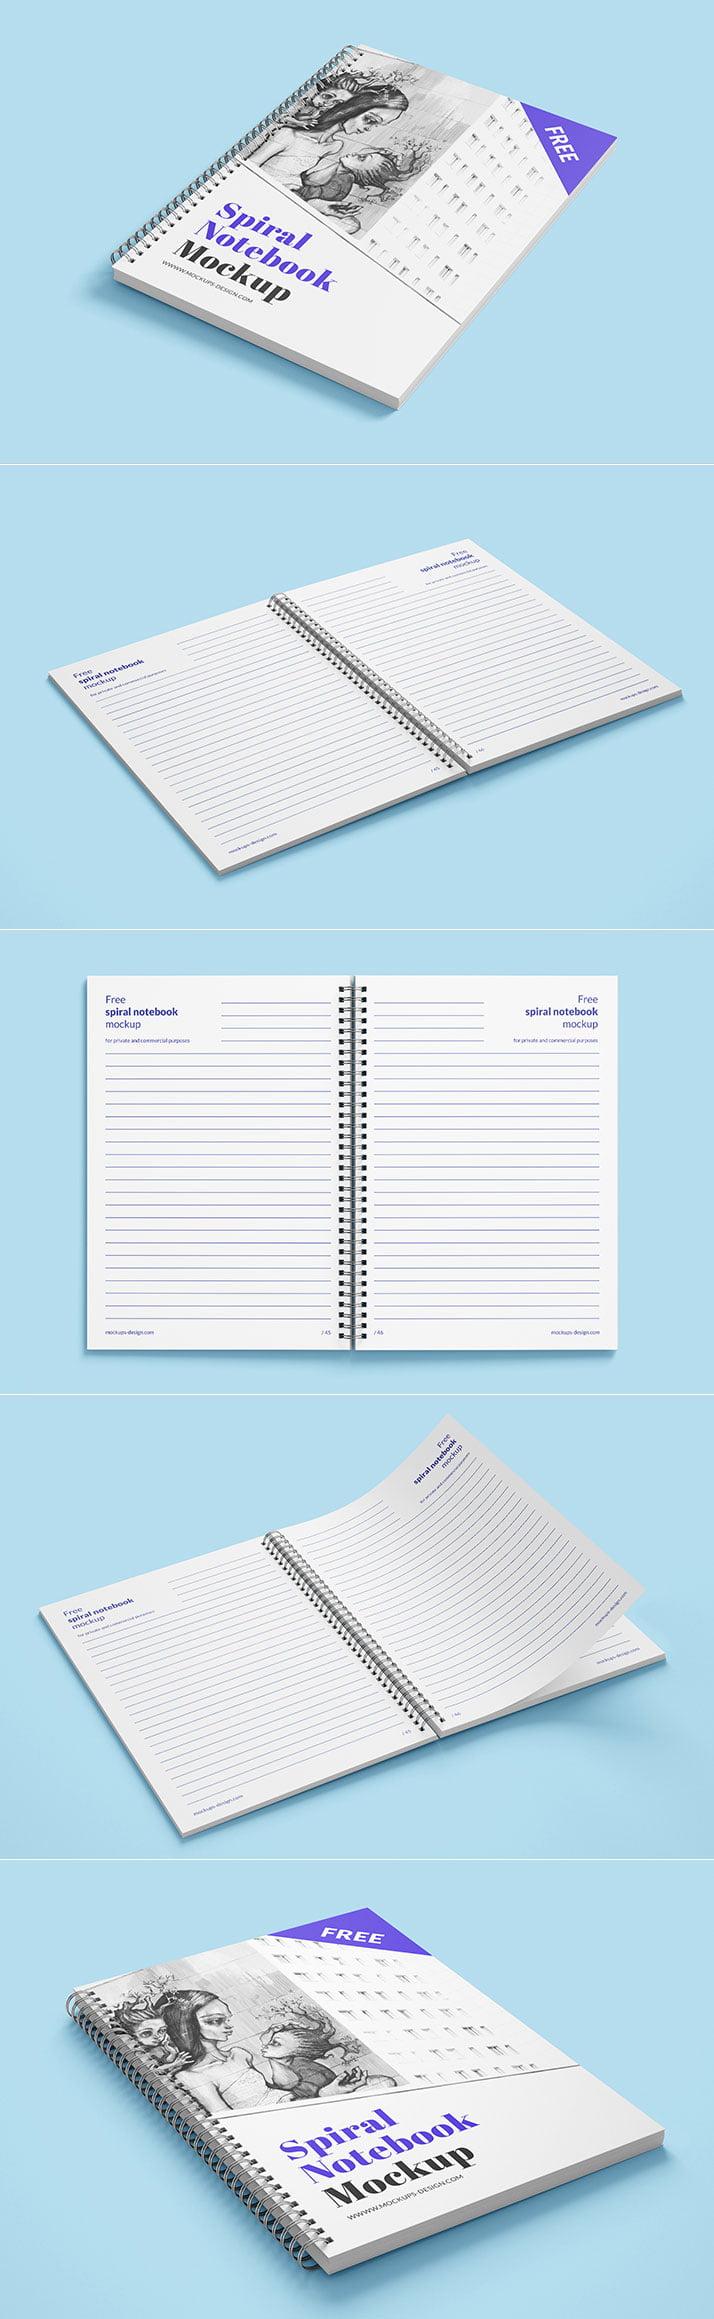 Free Spiral Notebook Mockups